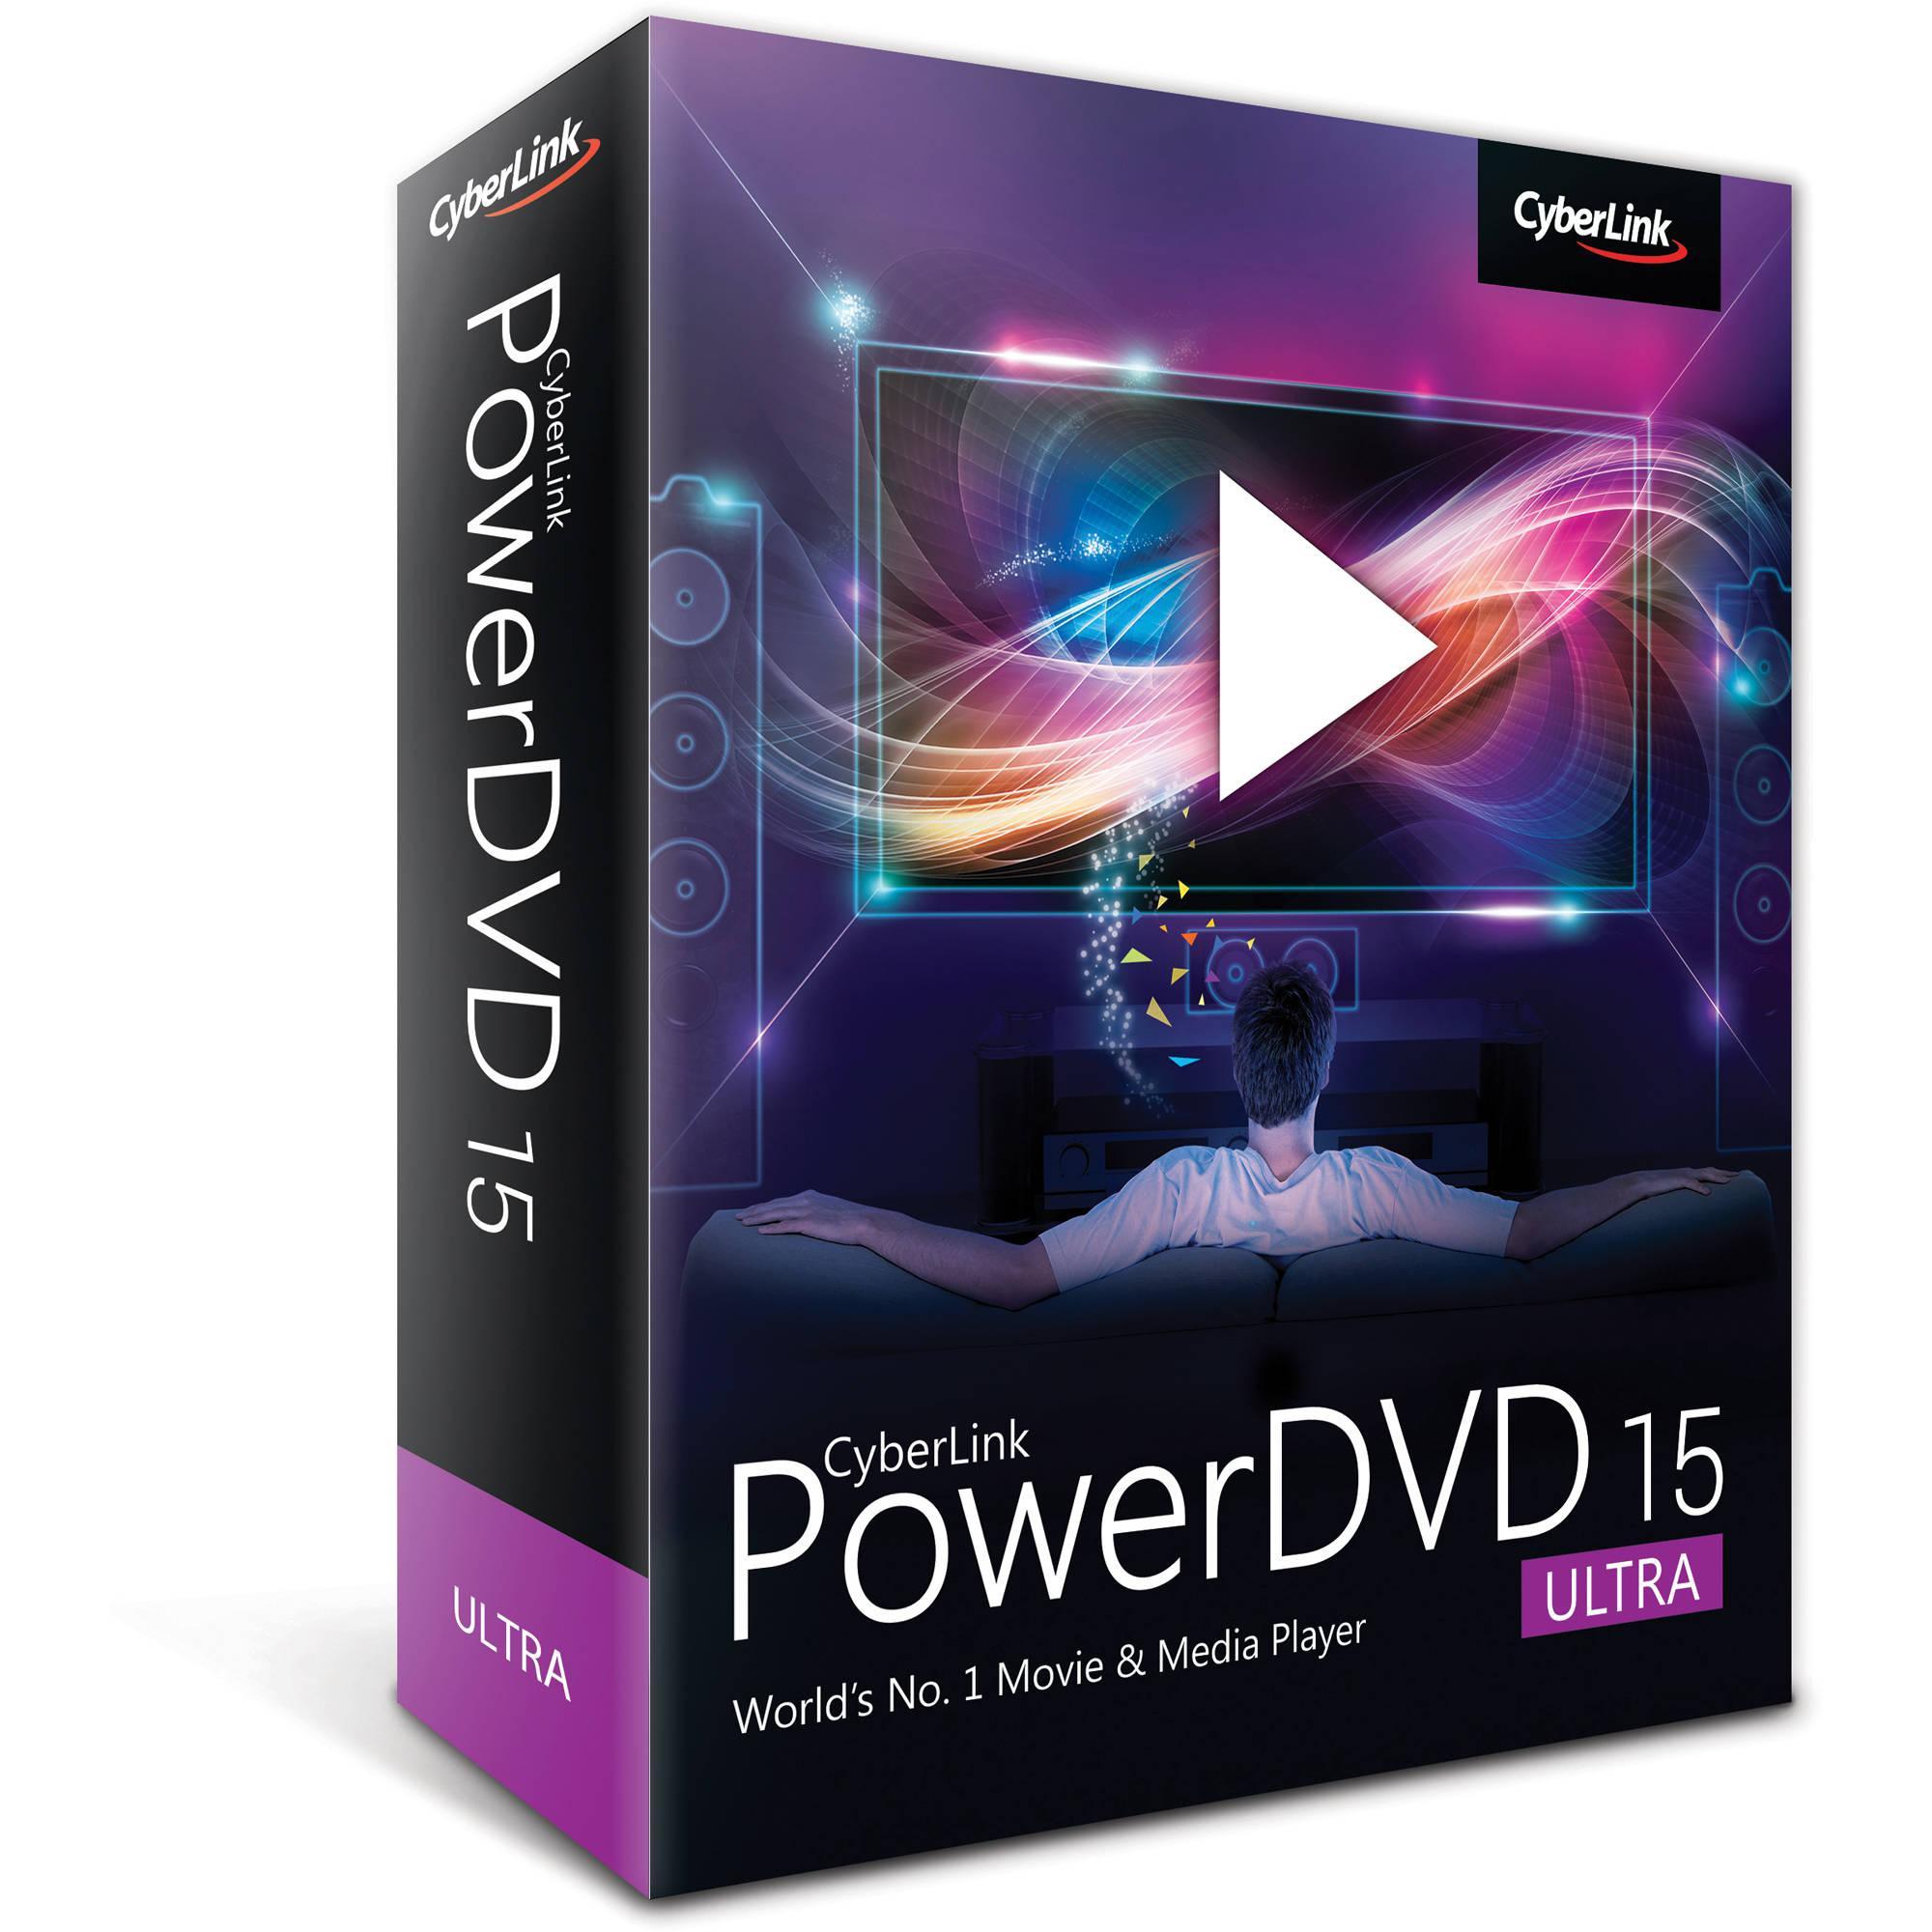 Logiciel Cyberlink Power DVD 15 Ultra